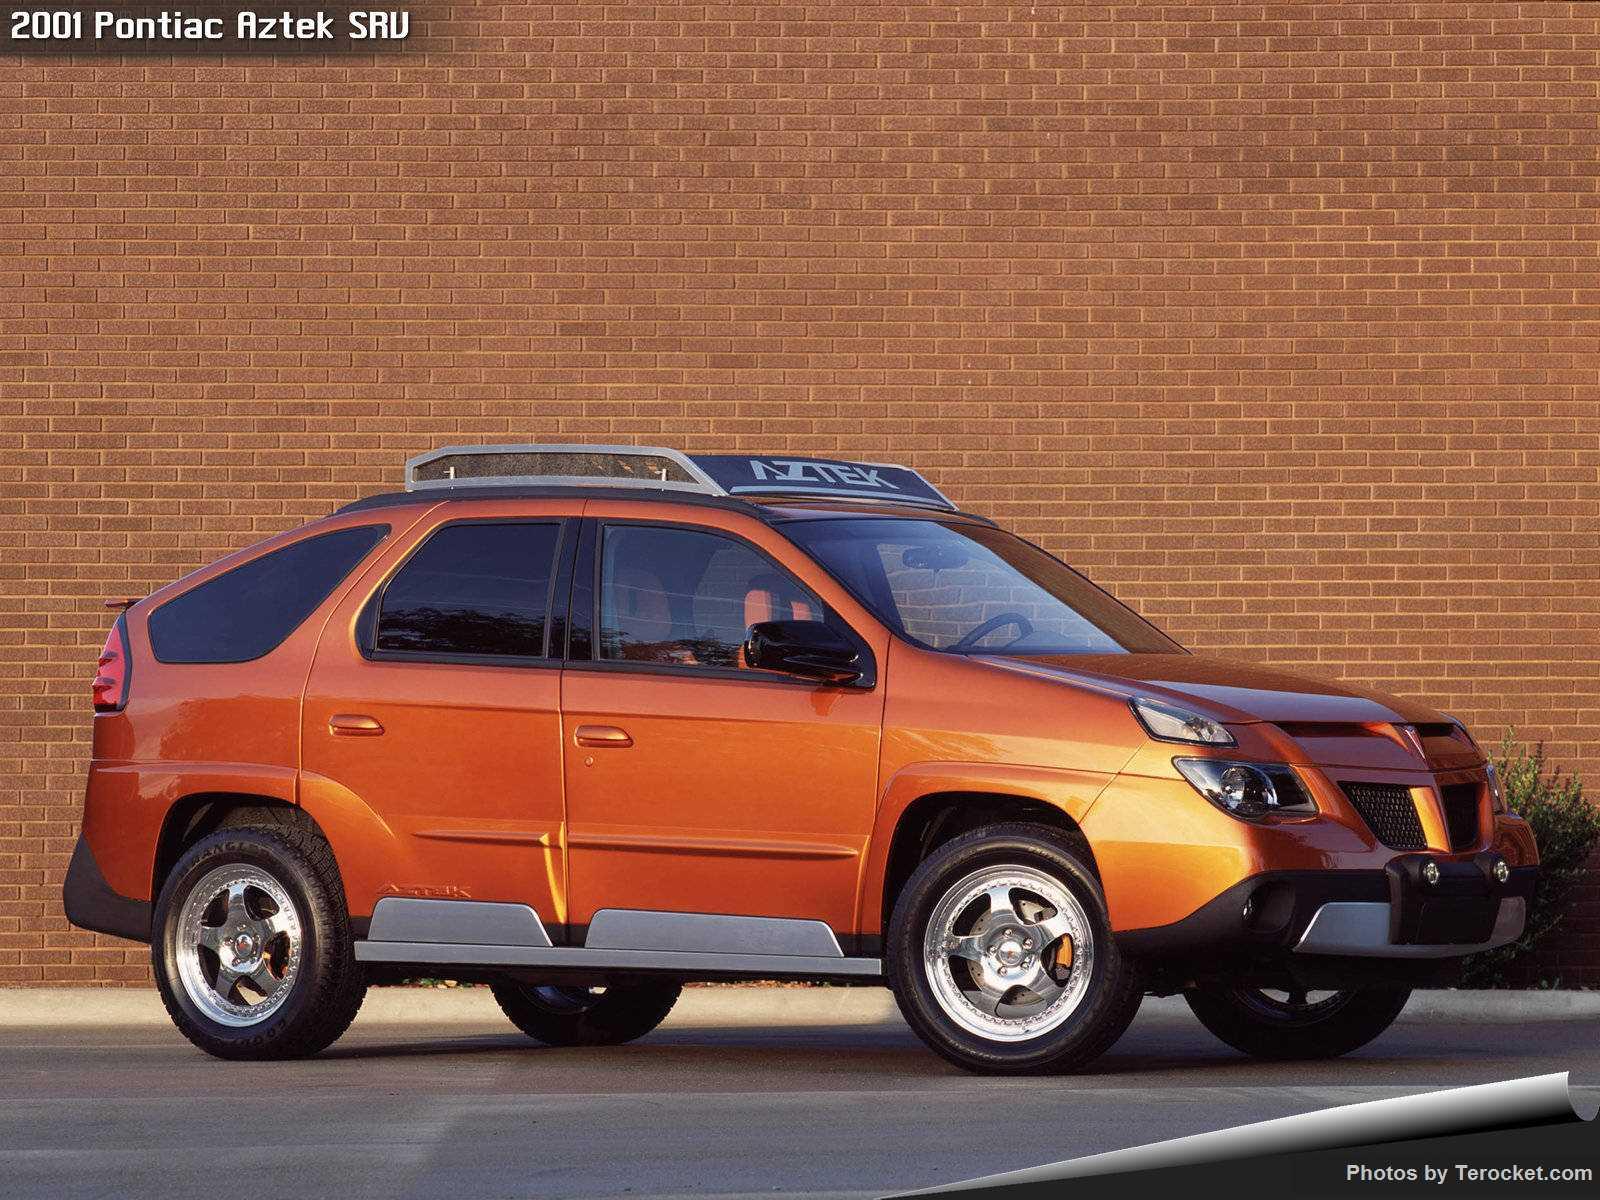 Hình ảnh xe ô tô Pontiac Aztek SRV 2001 & nội ngoại thất